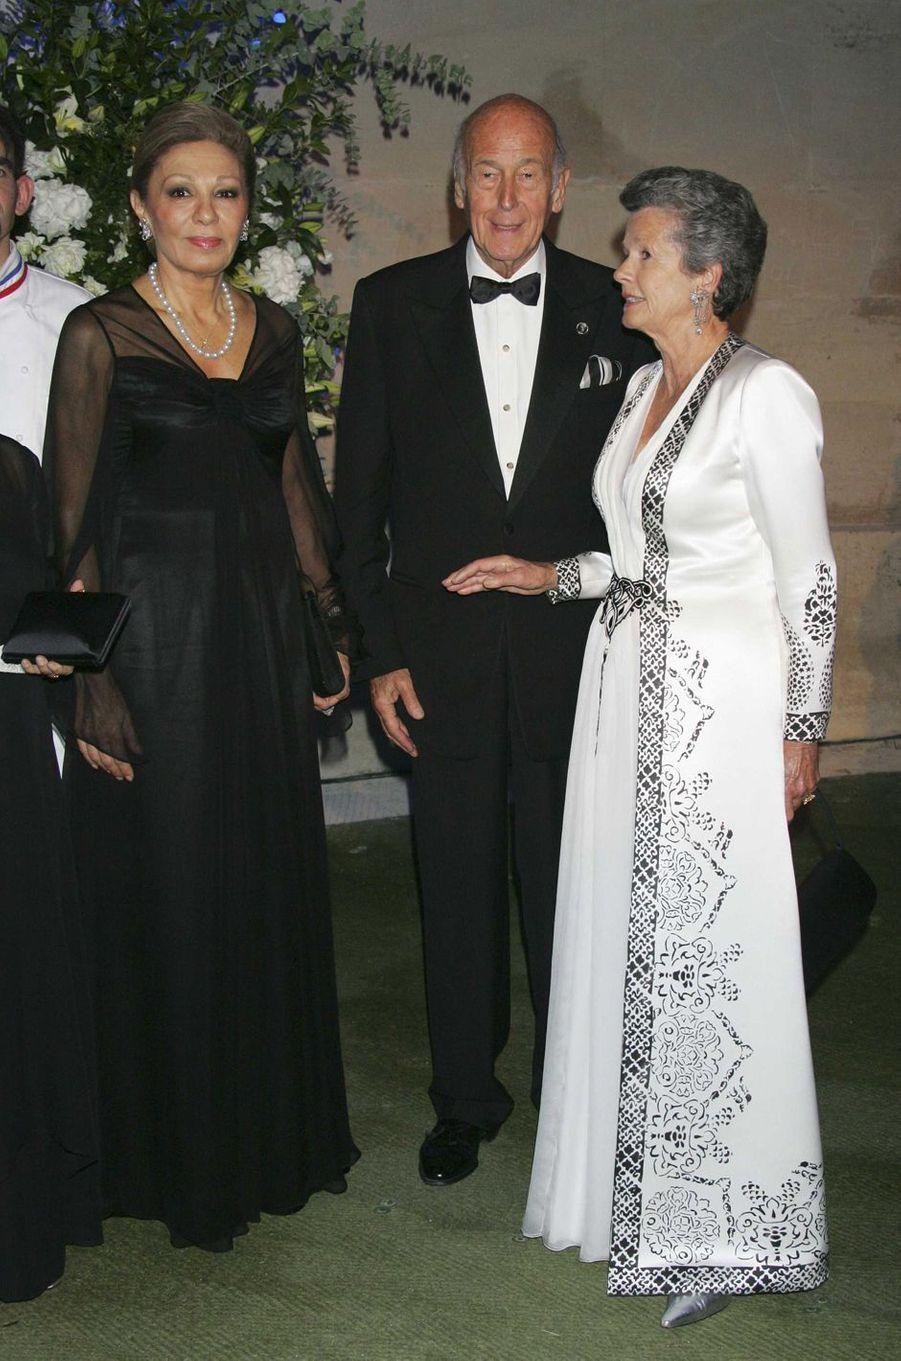 Valéry et Anne-Aymone Giscard d'Estaing avec l'ancienne impératrice d'Iran Farah Diba, le 8 octobre 2007